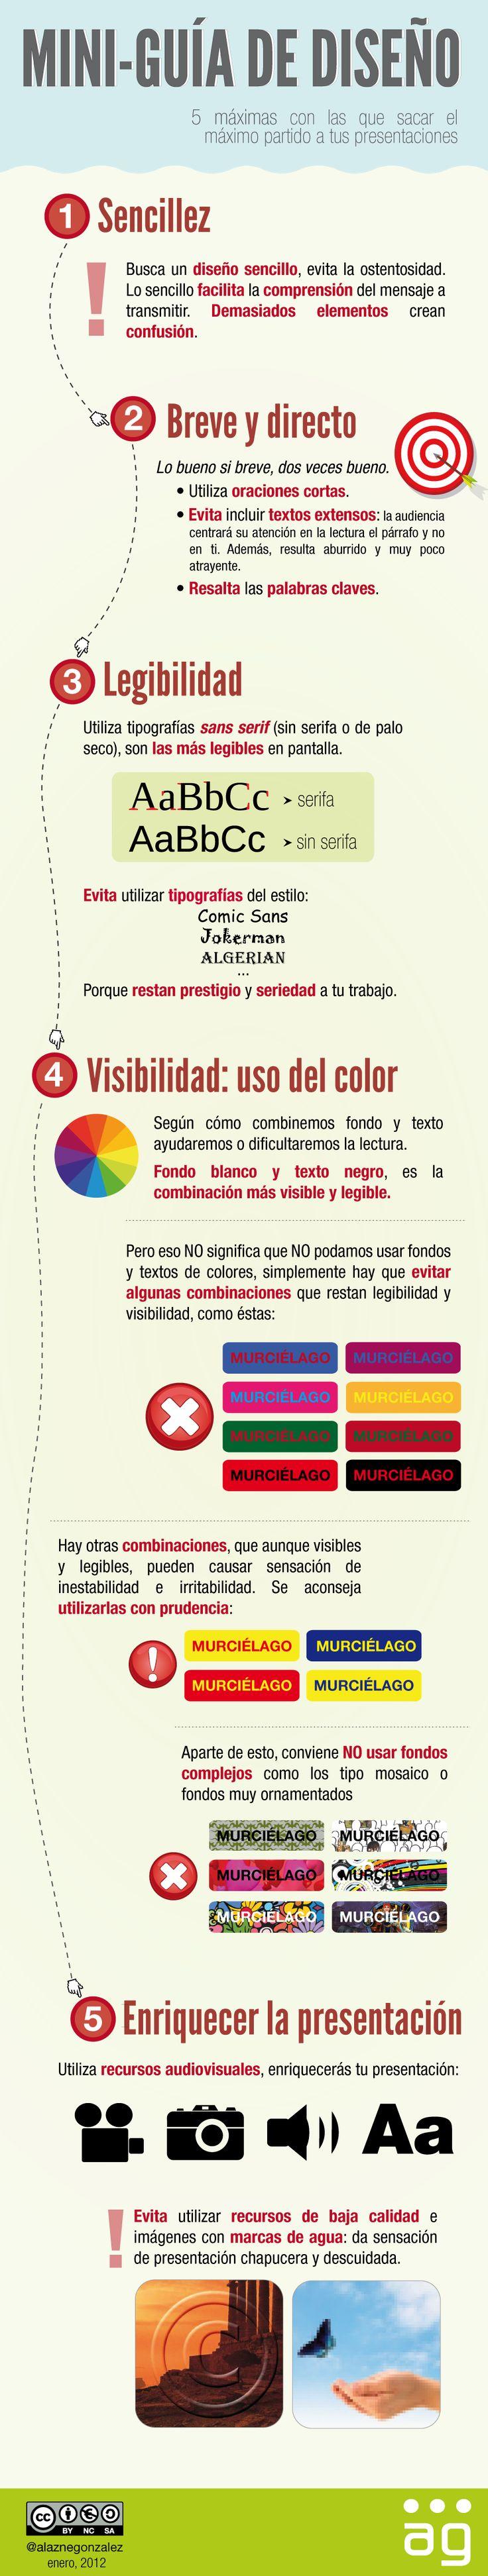 Cómo mejorar el diseño de tus presentaciones #infografia #infographic #design